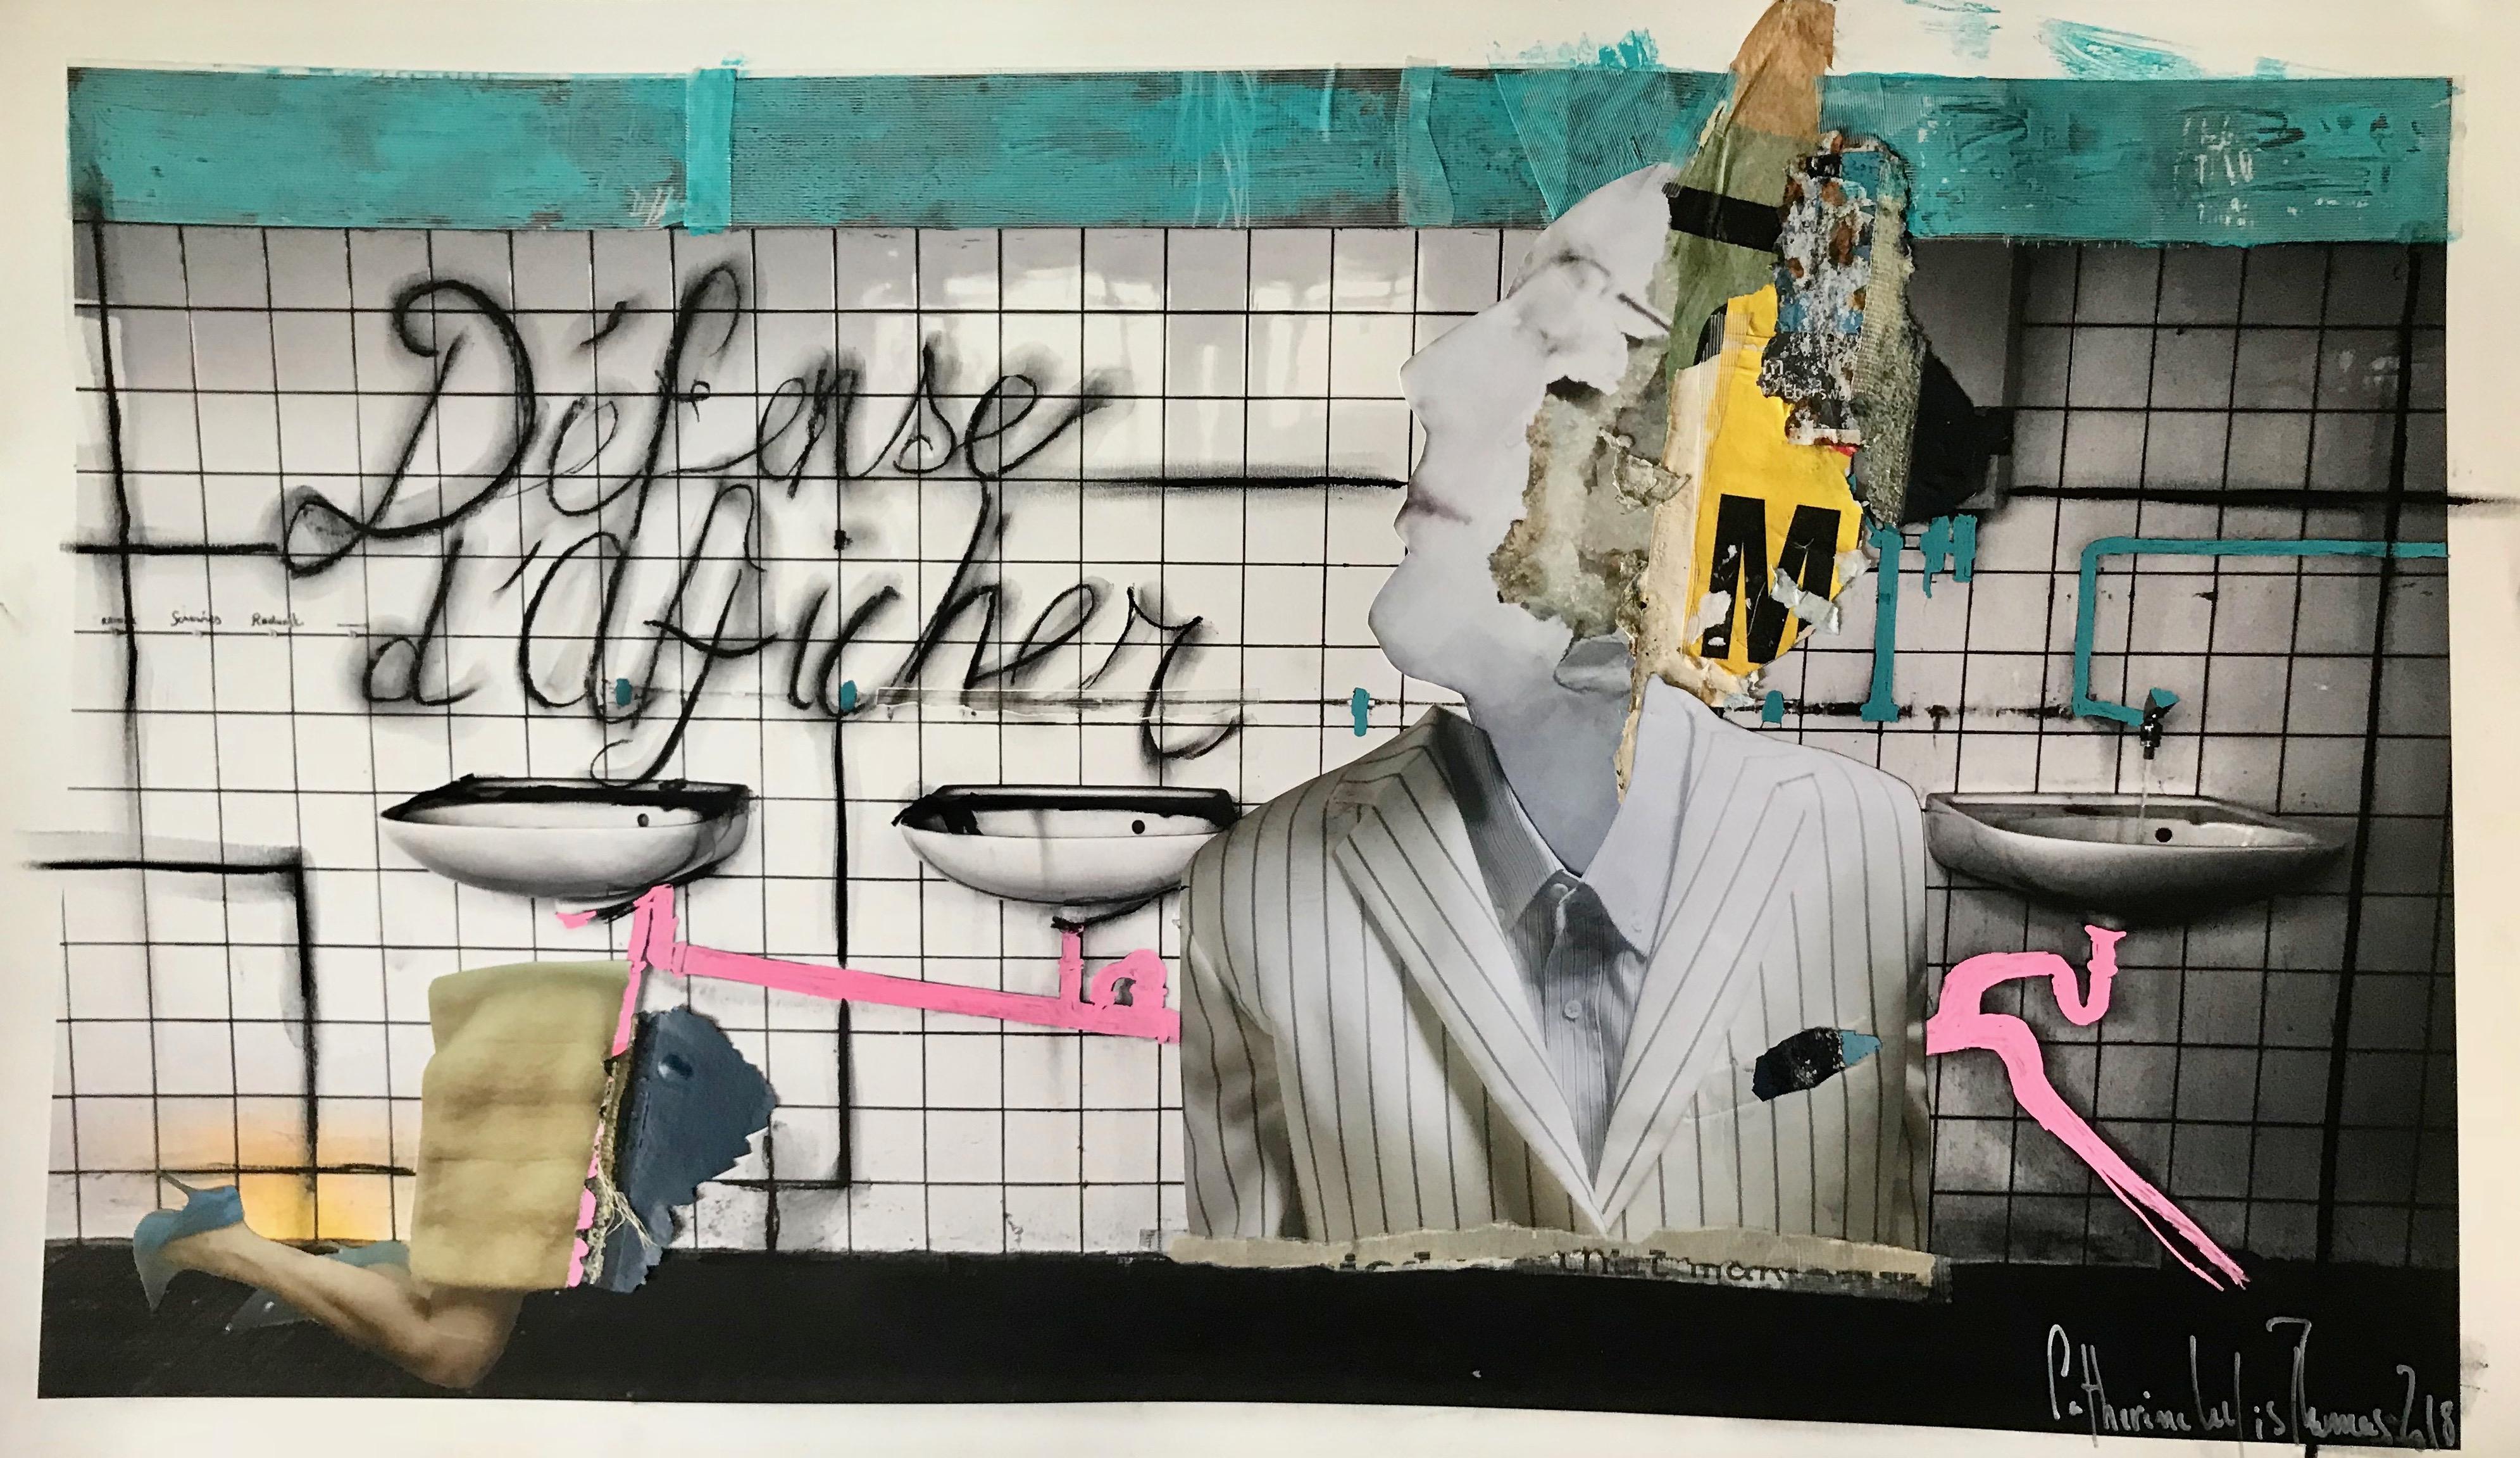 Edie Monetti, Malekula II, 2017, copyright Galerie Sabine Knust